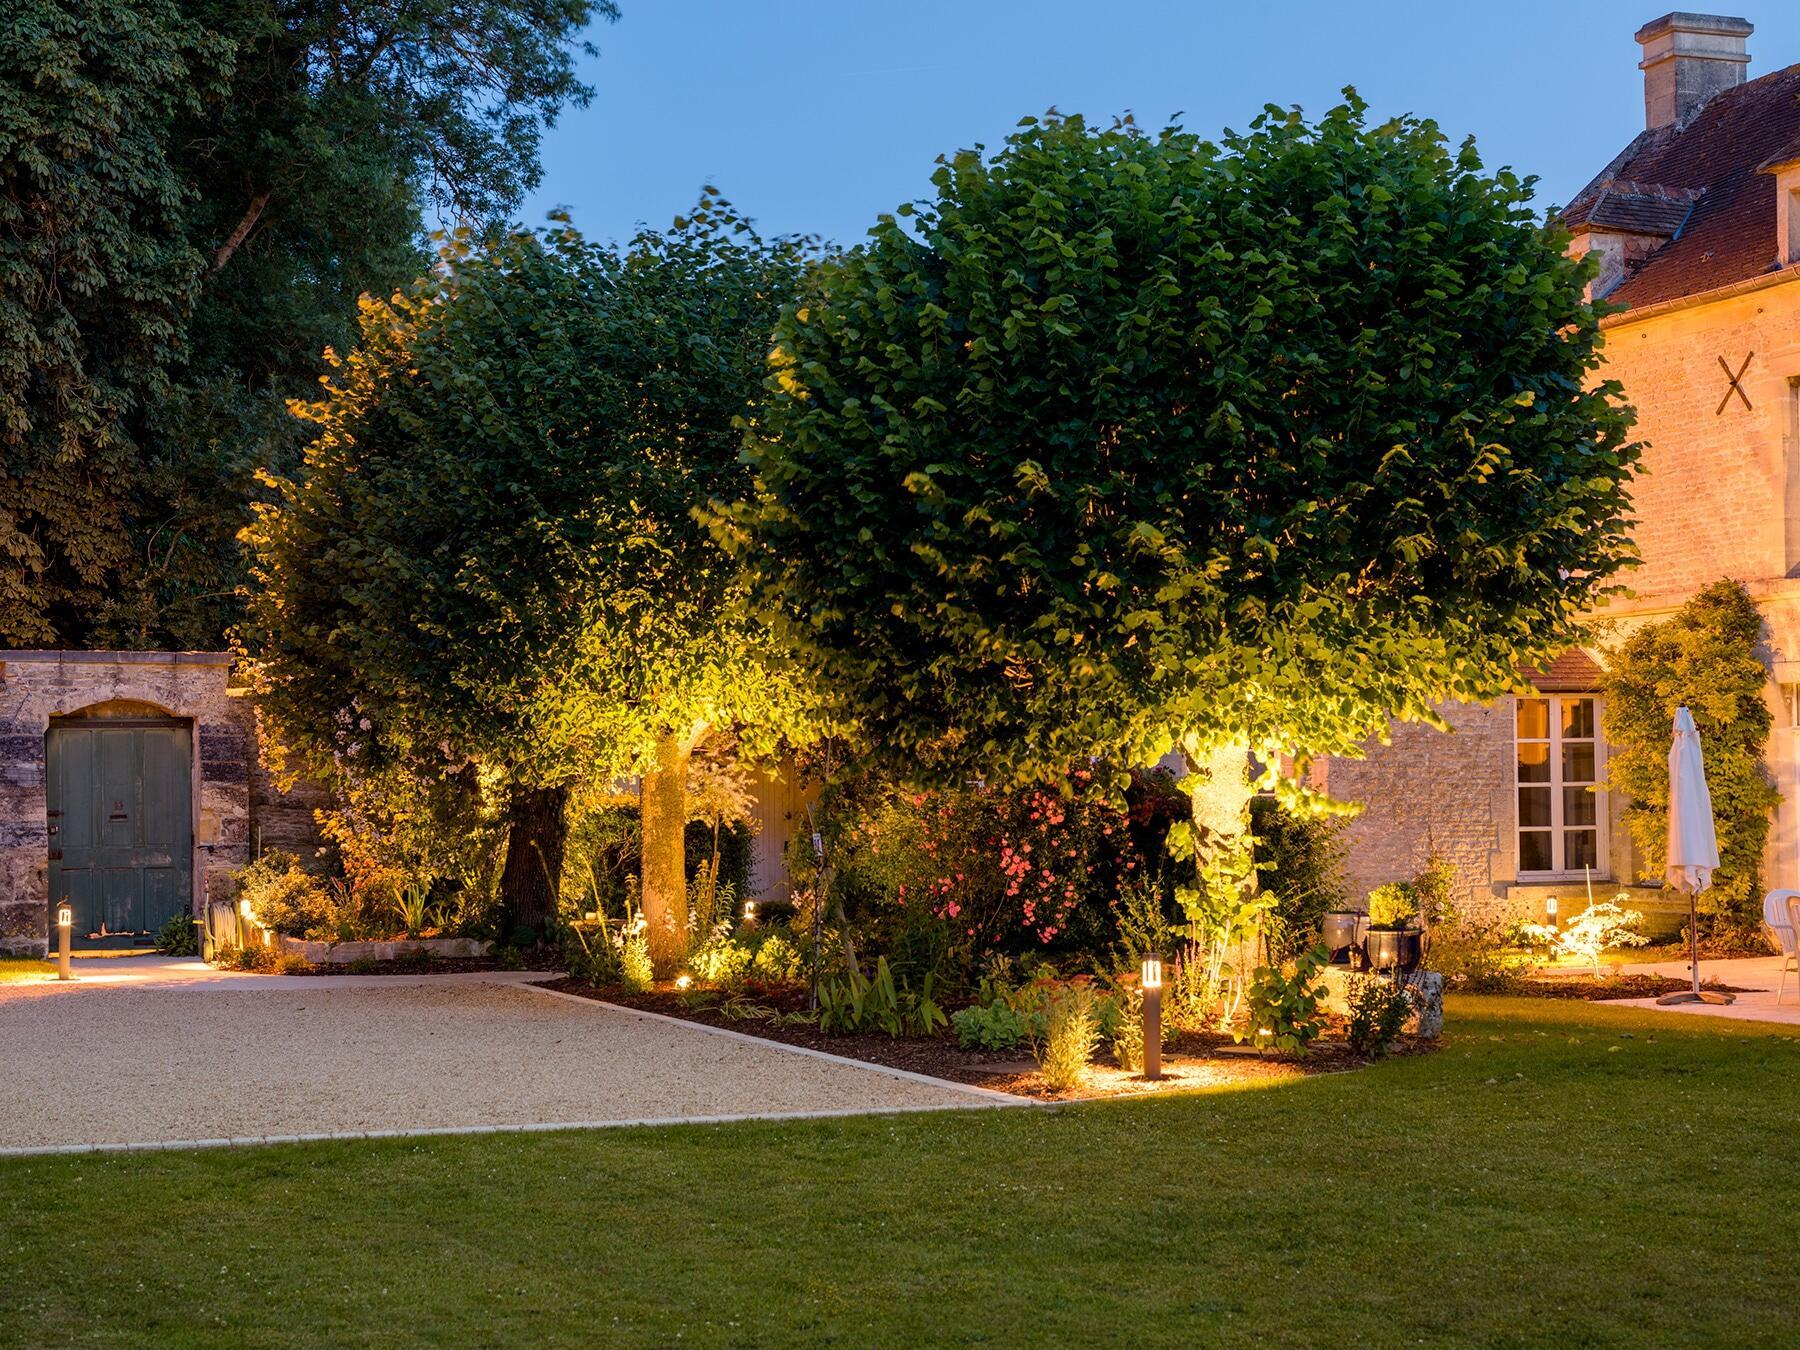 Comment mettre de la lumière dans son jardin ?